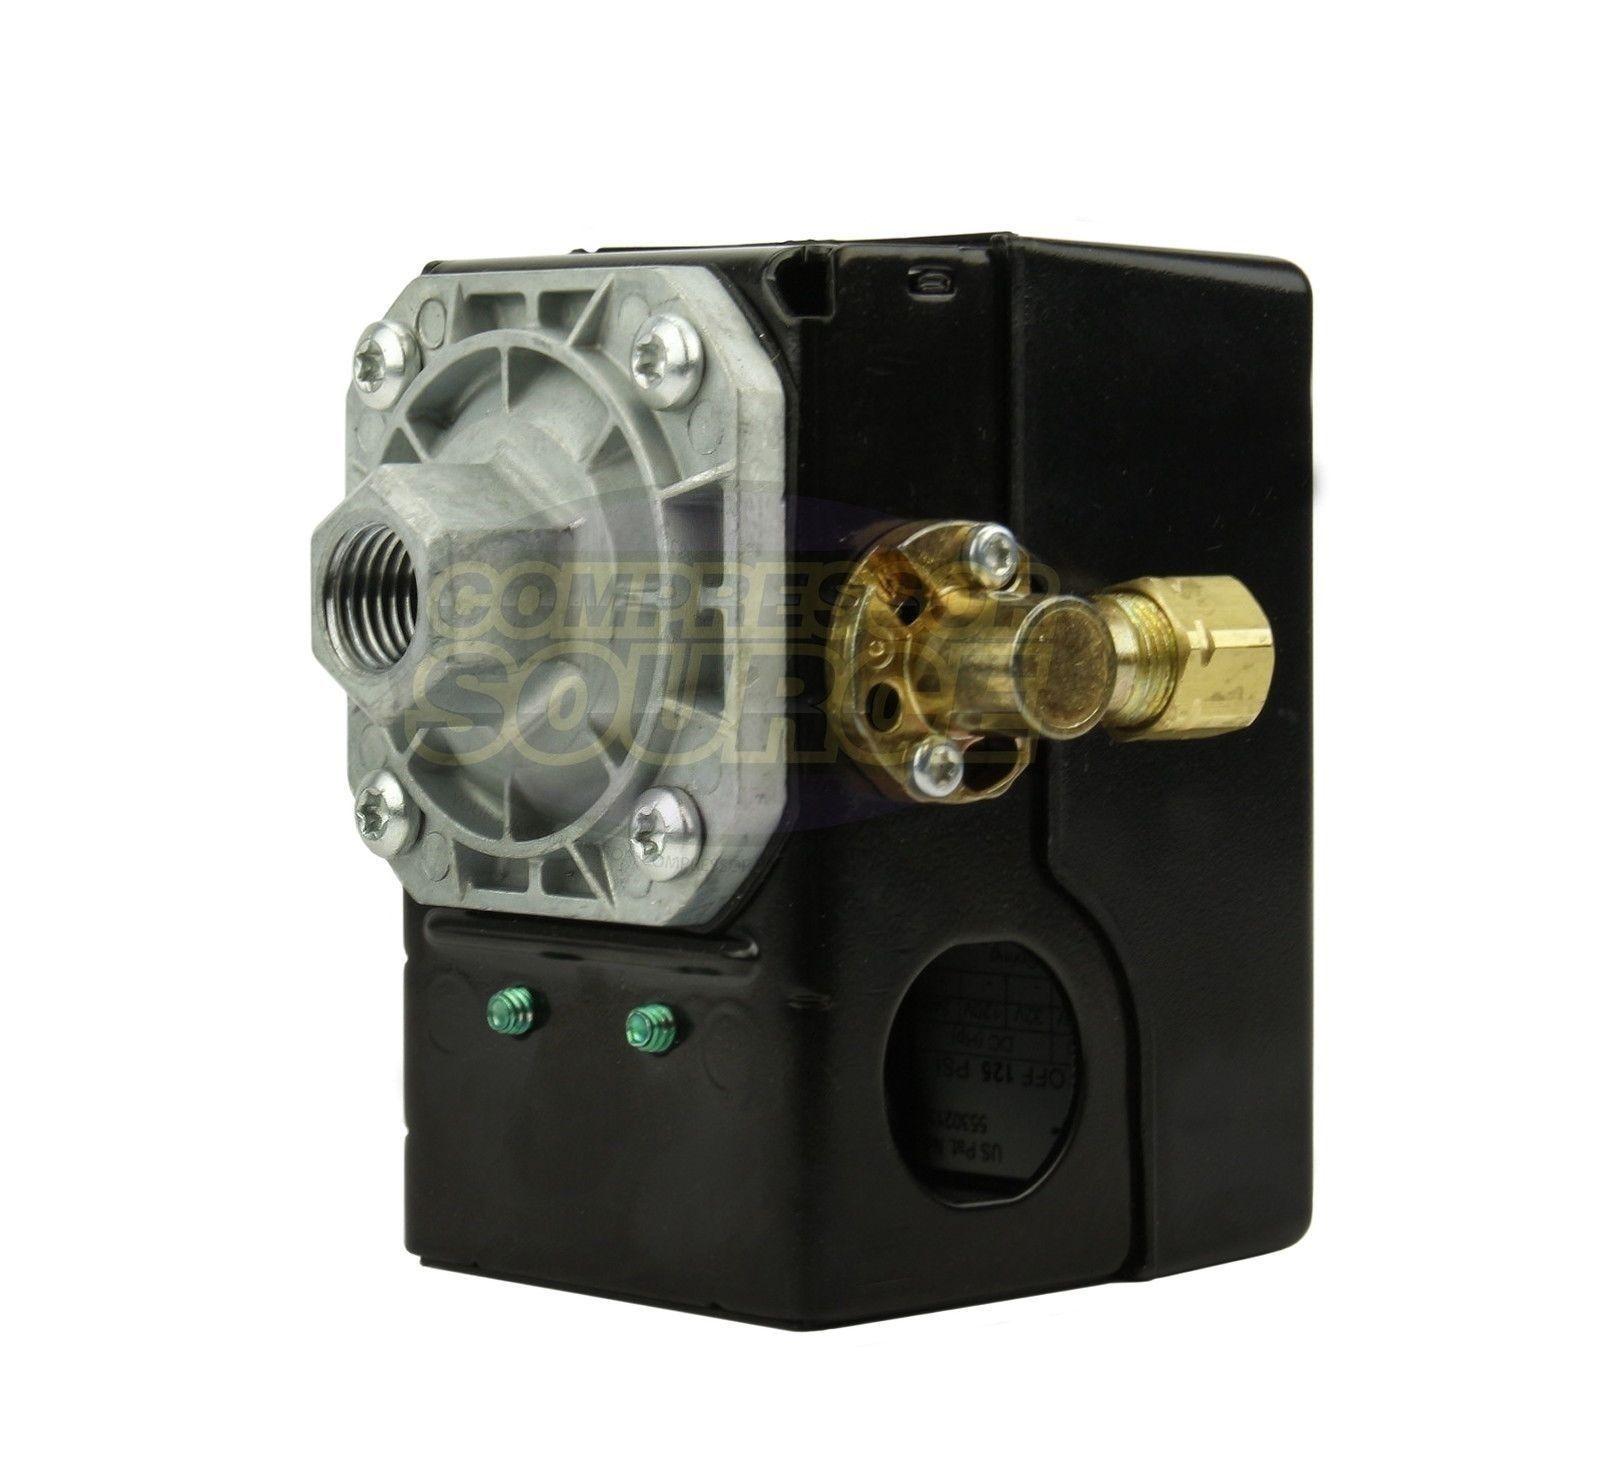 MMSZ5263T1G  Zener Diode  56V  0,5W  SOD123  NEW  #BP 20 pcs